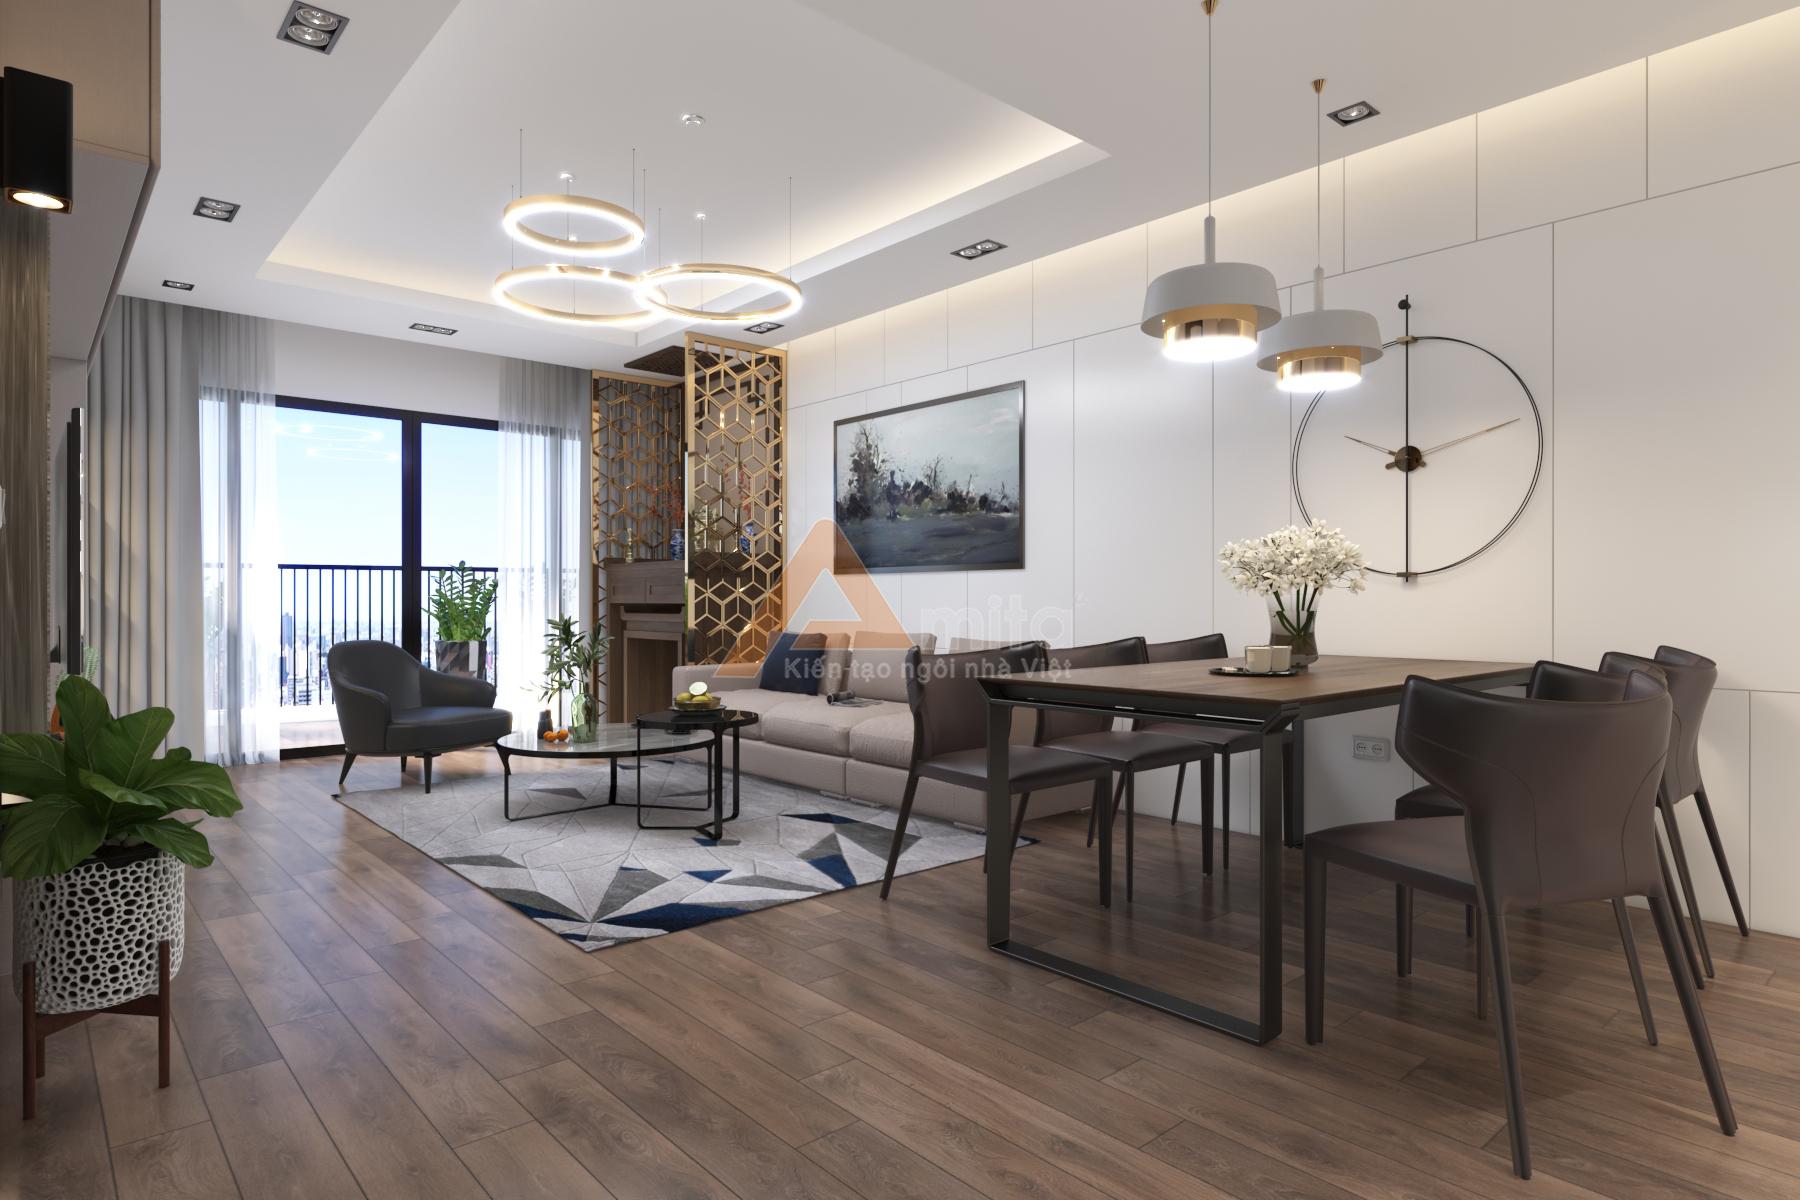 thiết kế nội thất chung cư tại Hà Nội Chung cư New Skyline - Văn Quán 6 1572341530